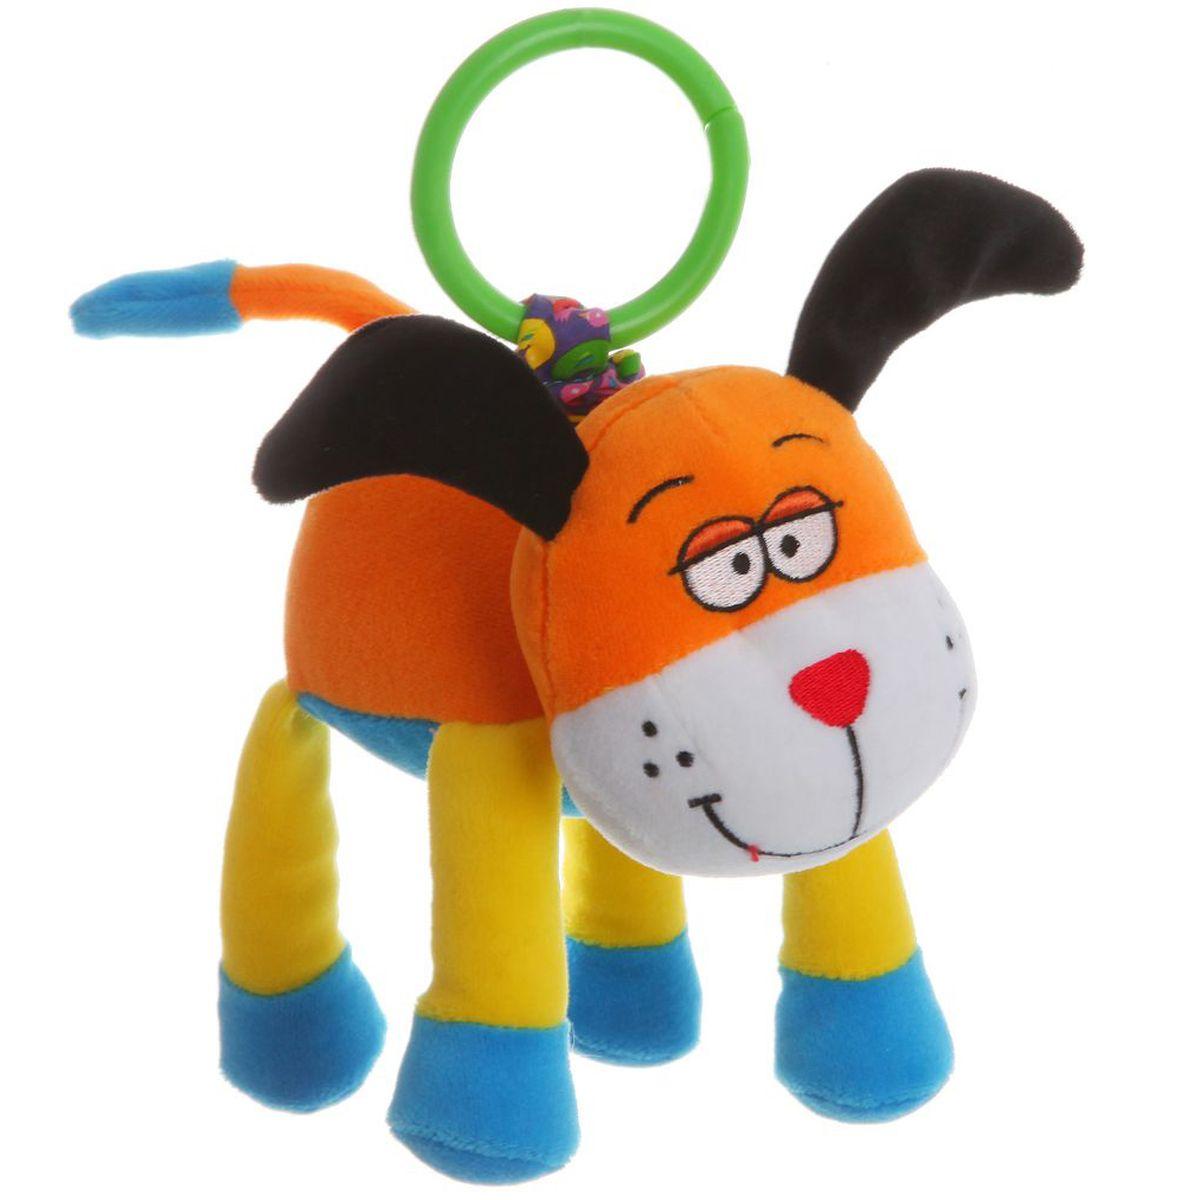 Bondibon Мягкая развивающая игрушка-растяжка Собака bondibon развивающая игрушка bondibon собачка с будкой